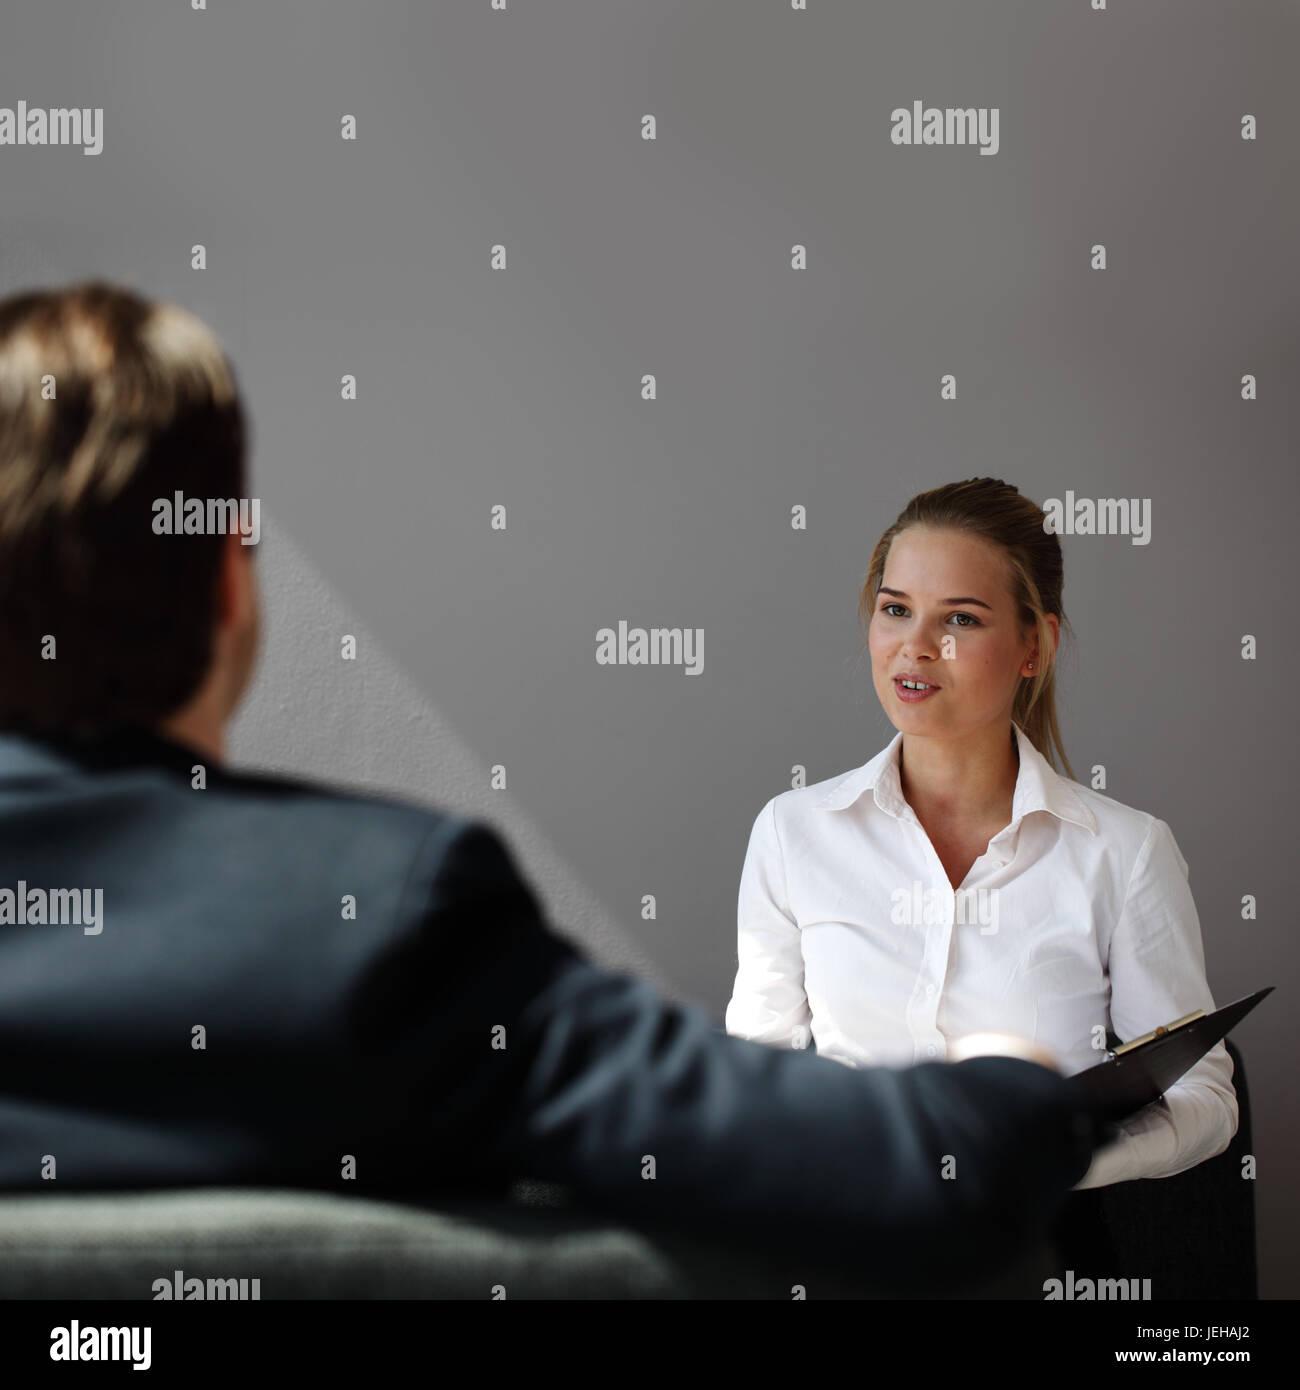 Vorstellungsgespräch Businss - Geschäftsmann anhören Kandidaten Antworten Stockbild